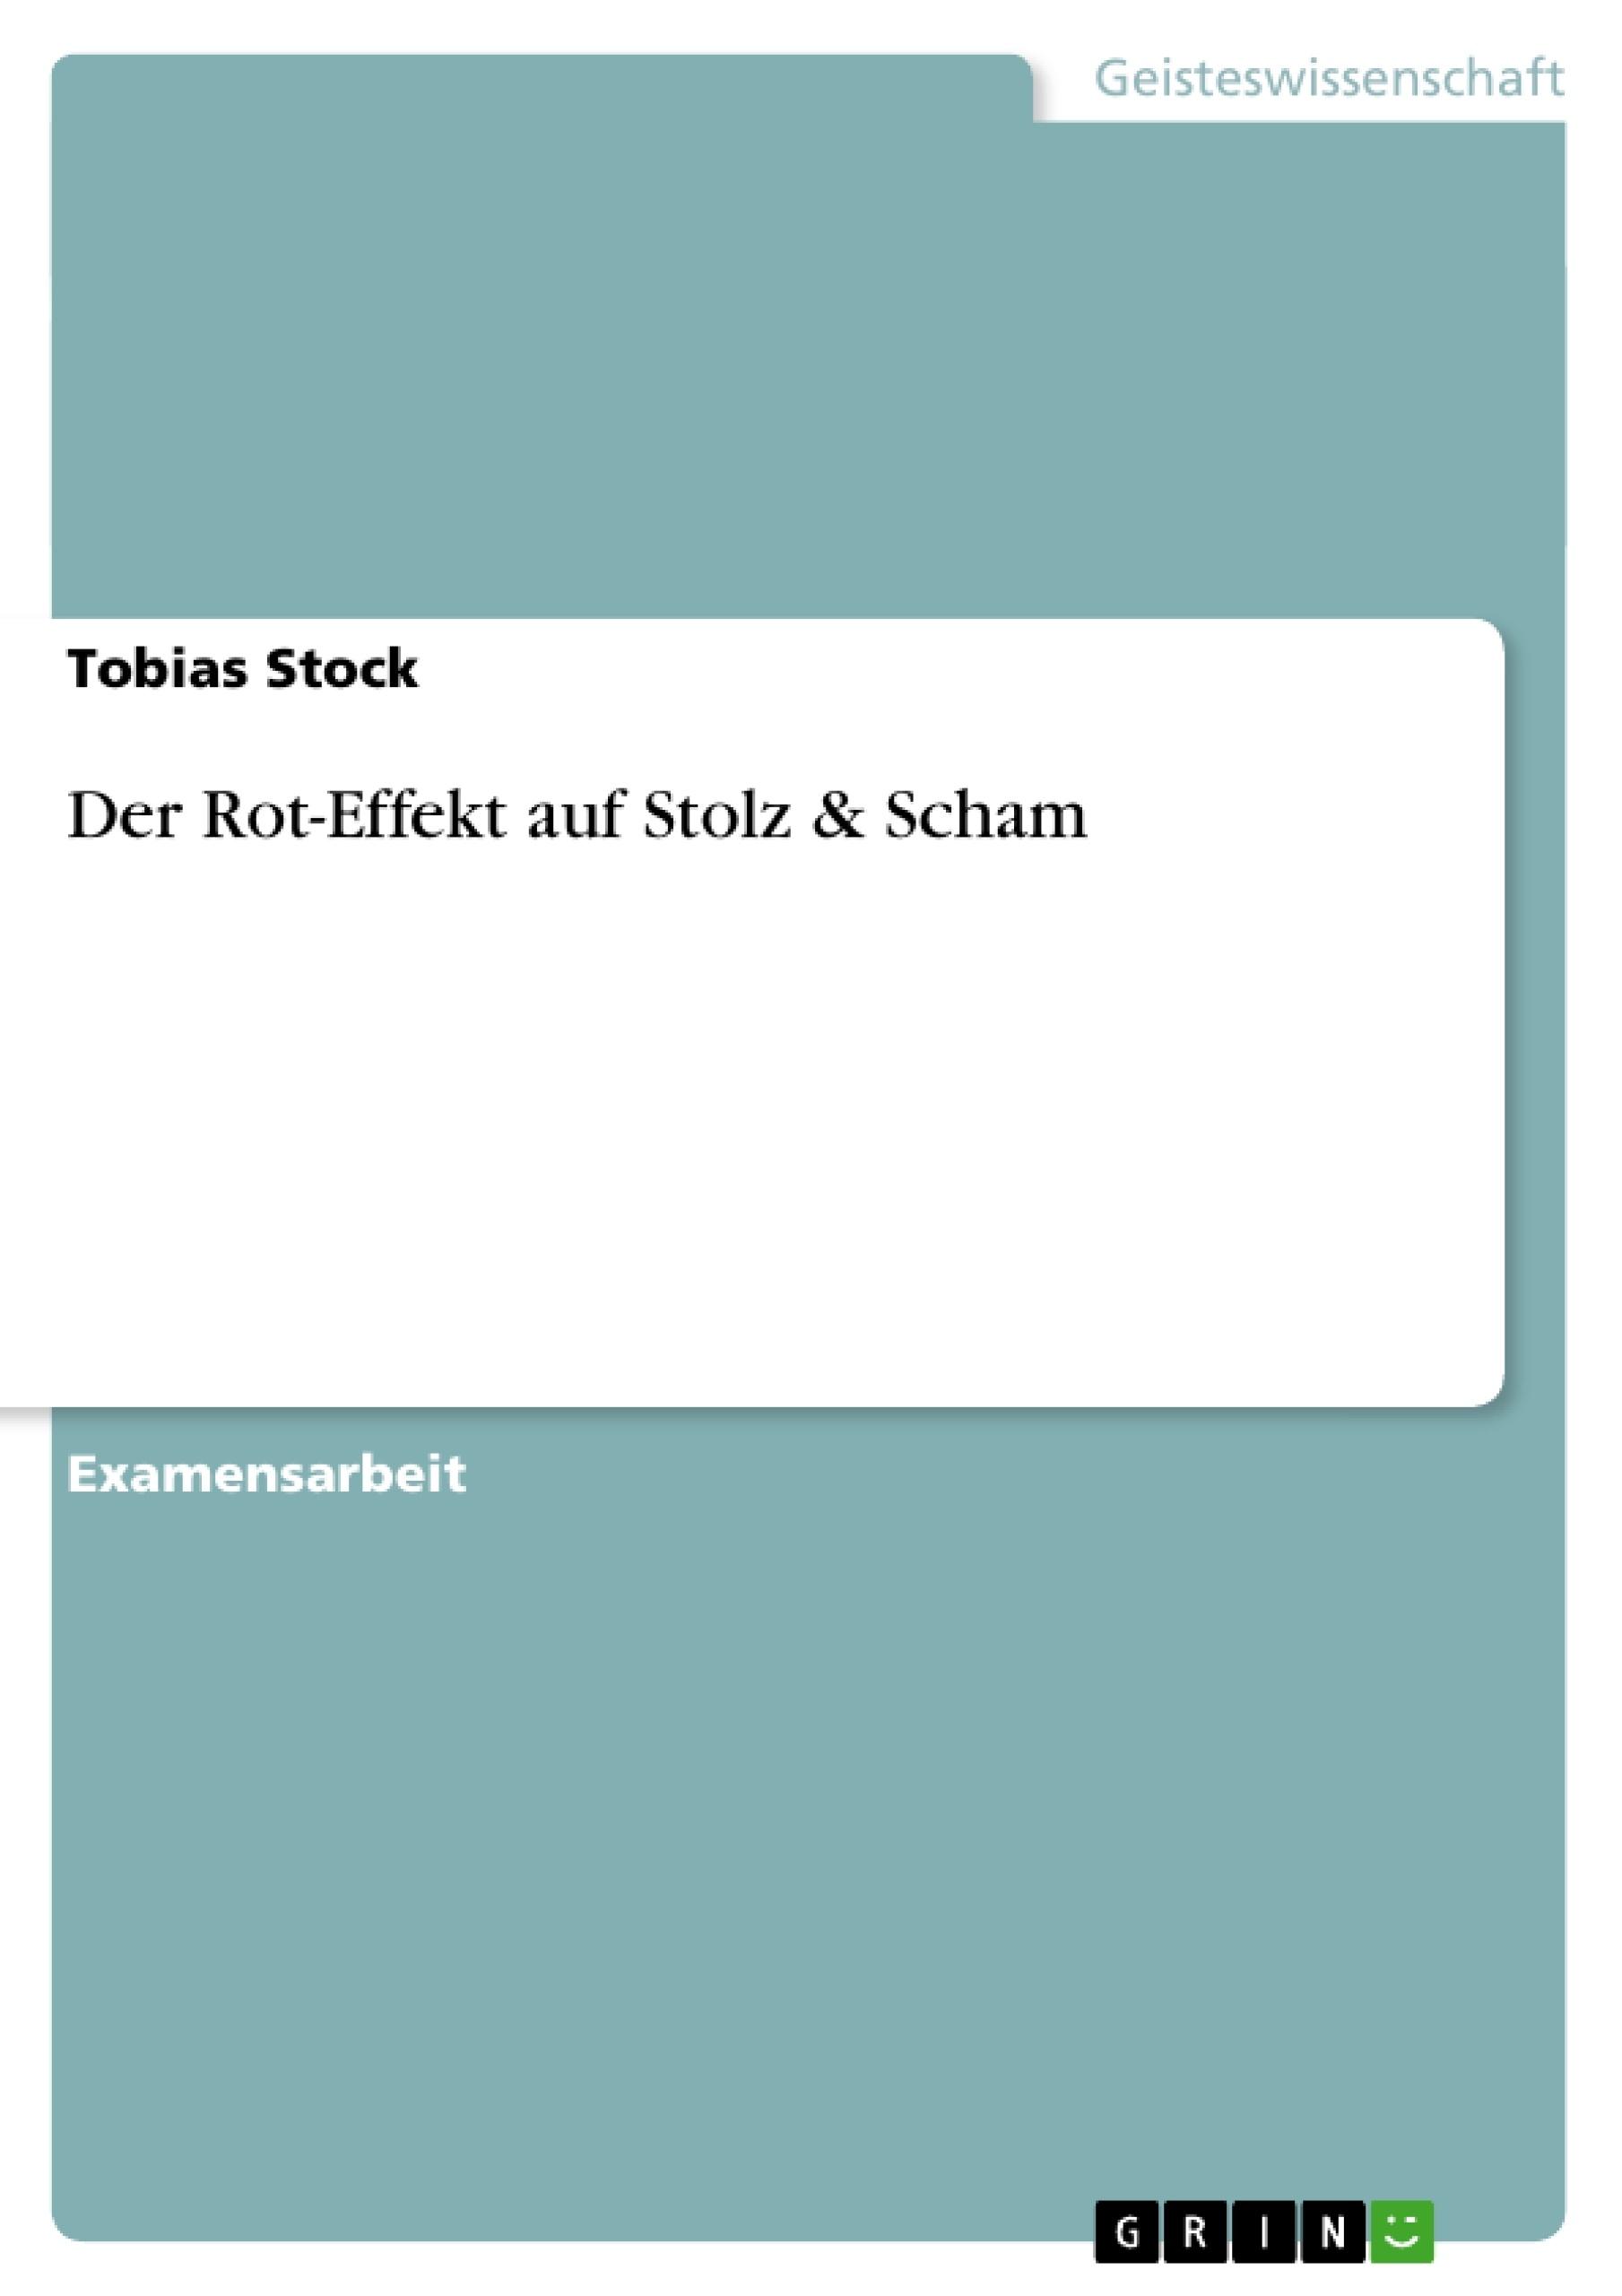 Titel: Der Rot-Effekt auf Stolz & Scham